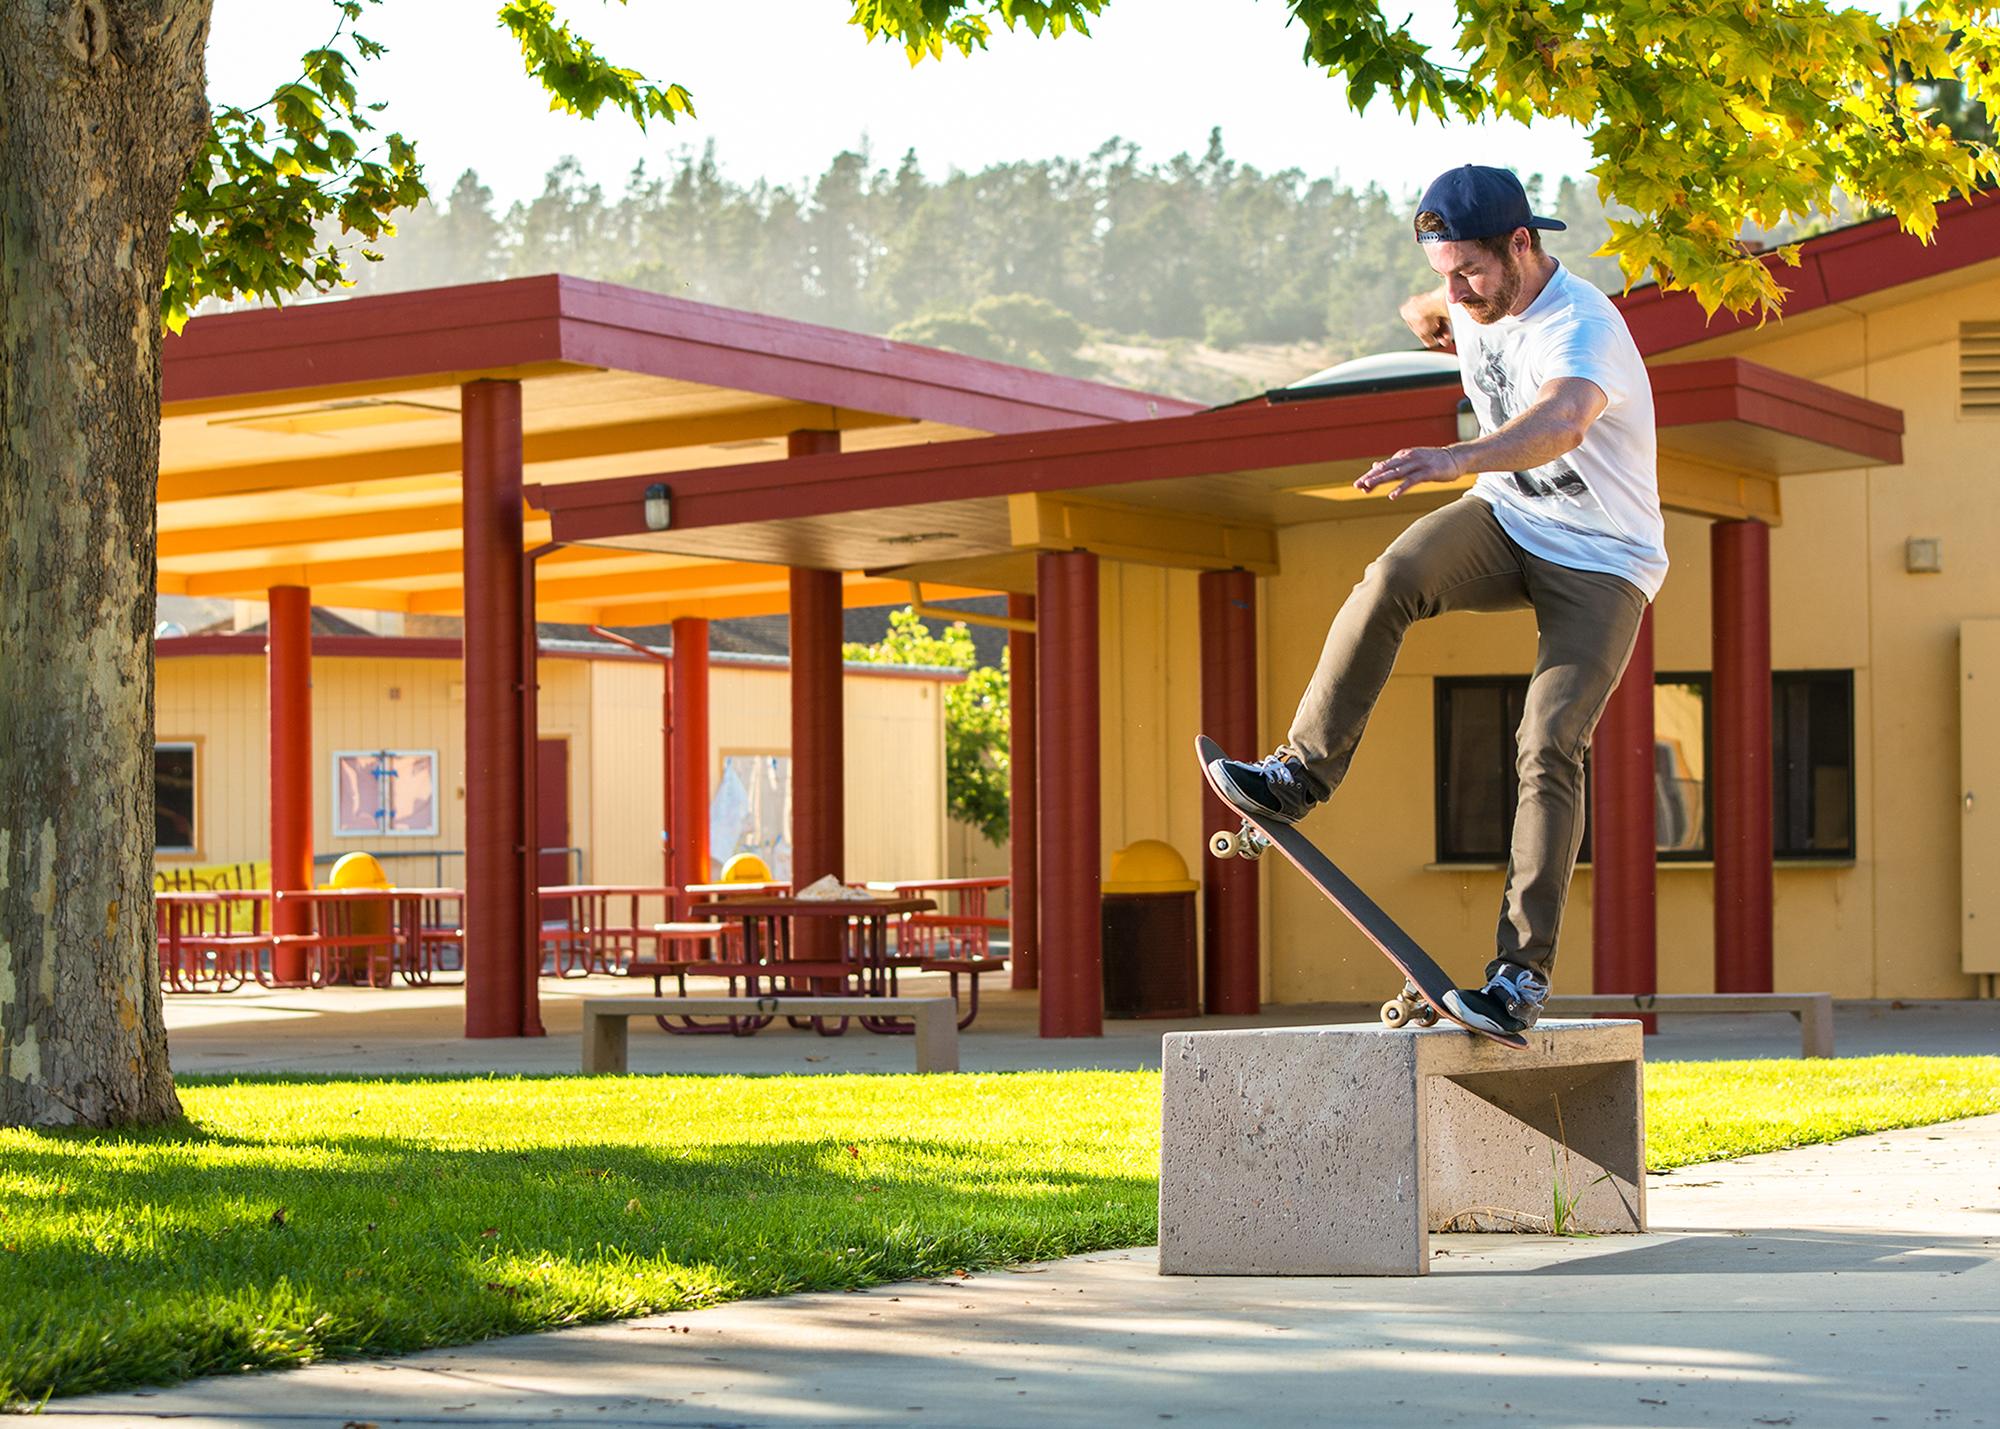 Brooks_D_Skate_08.jpg